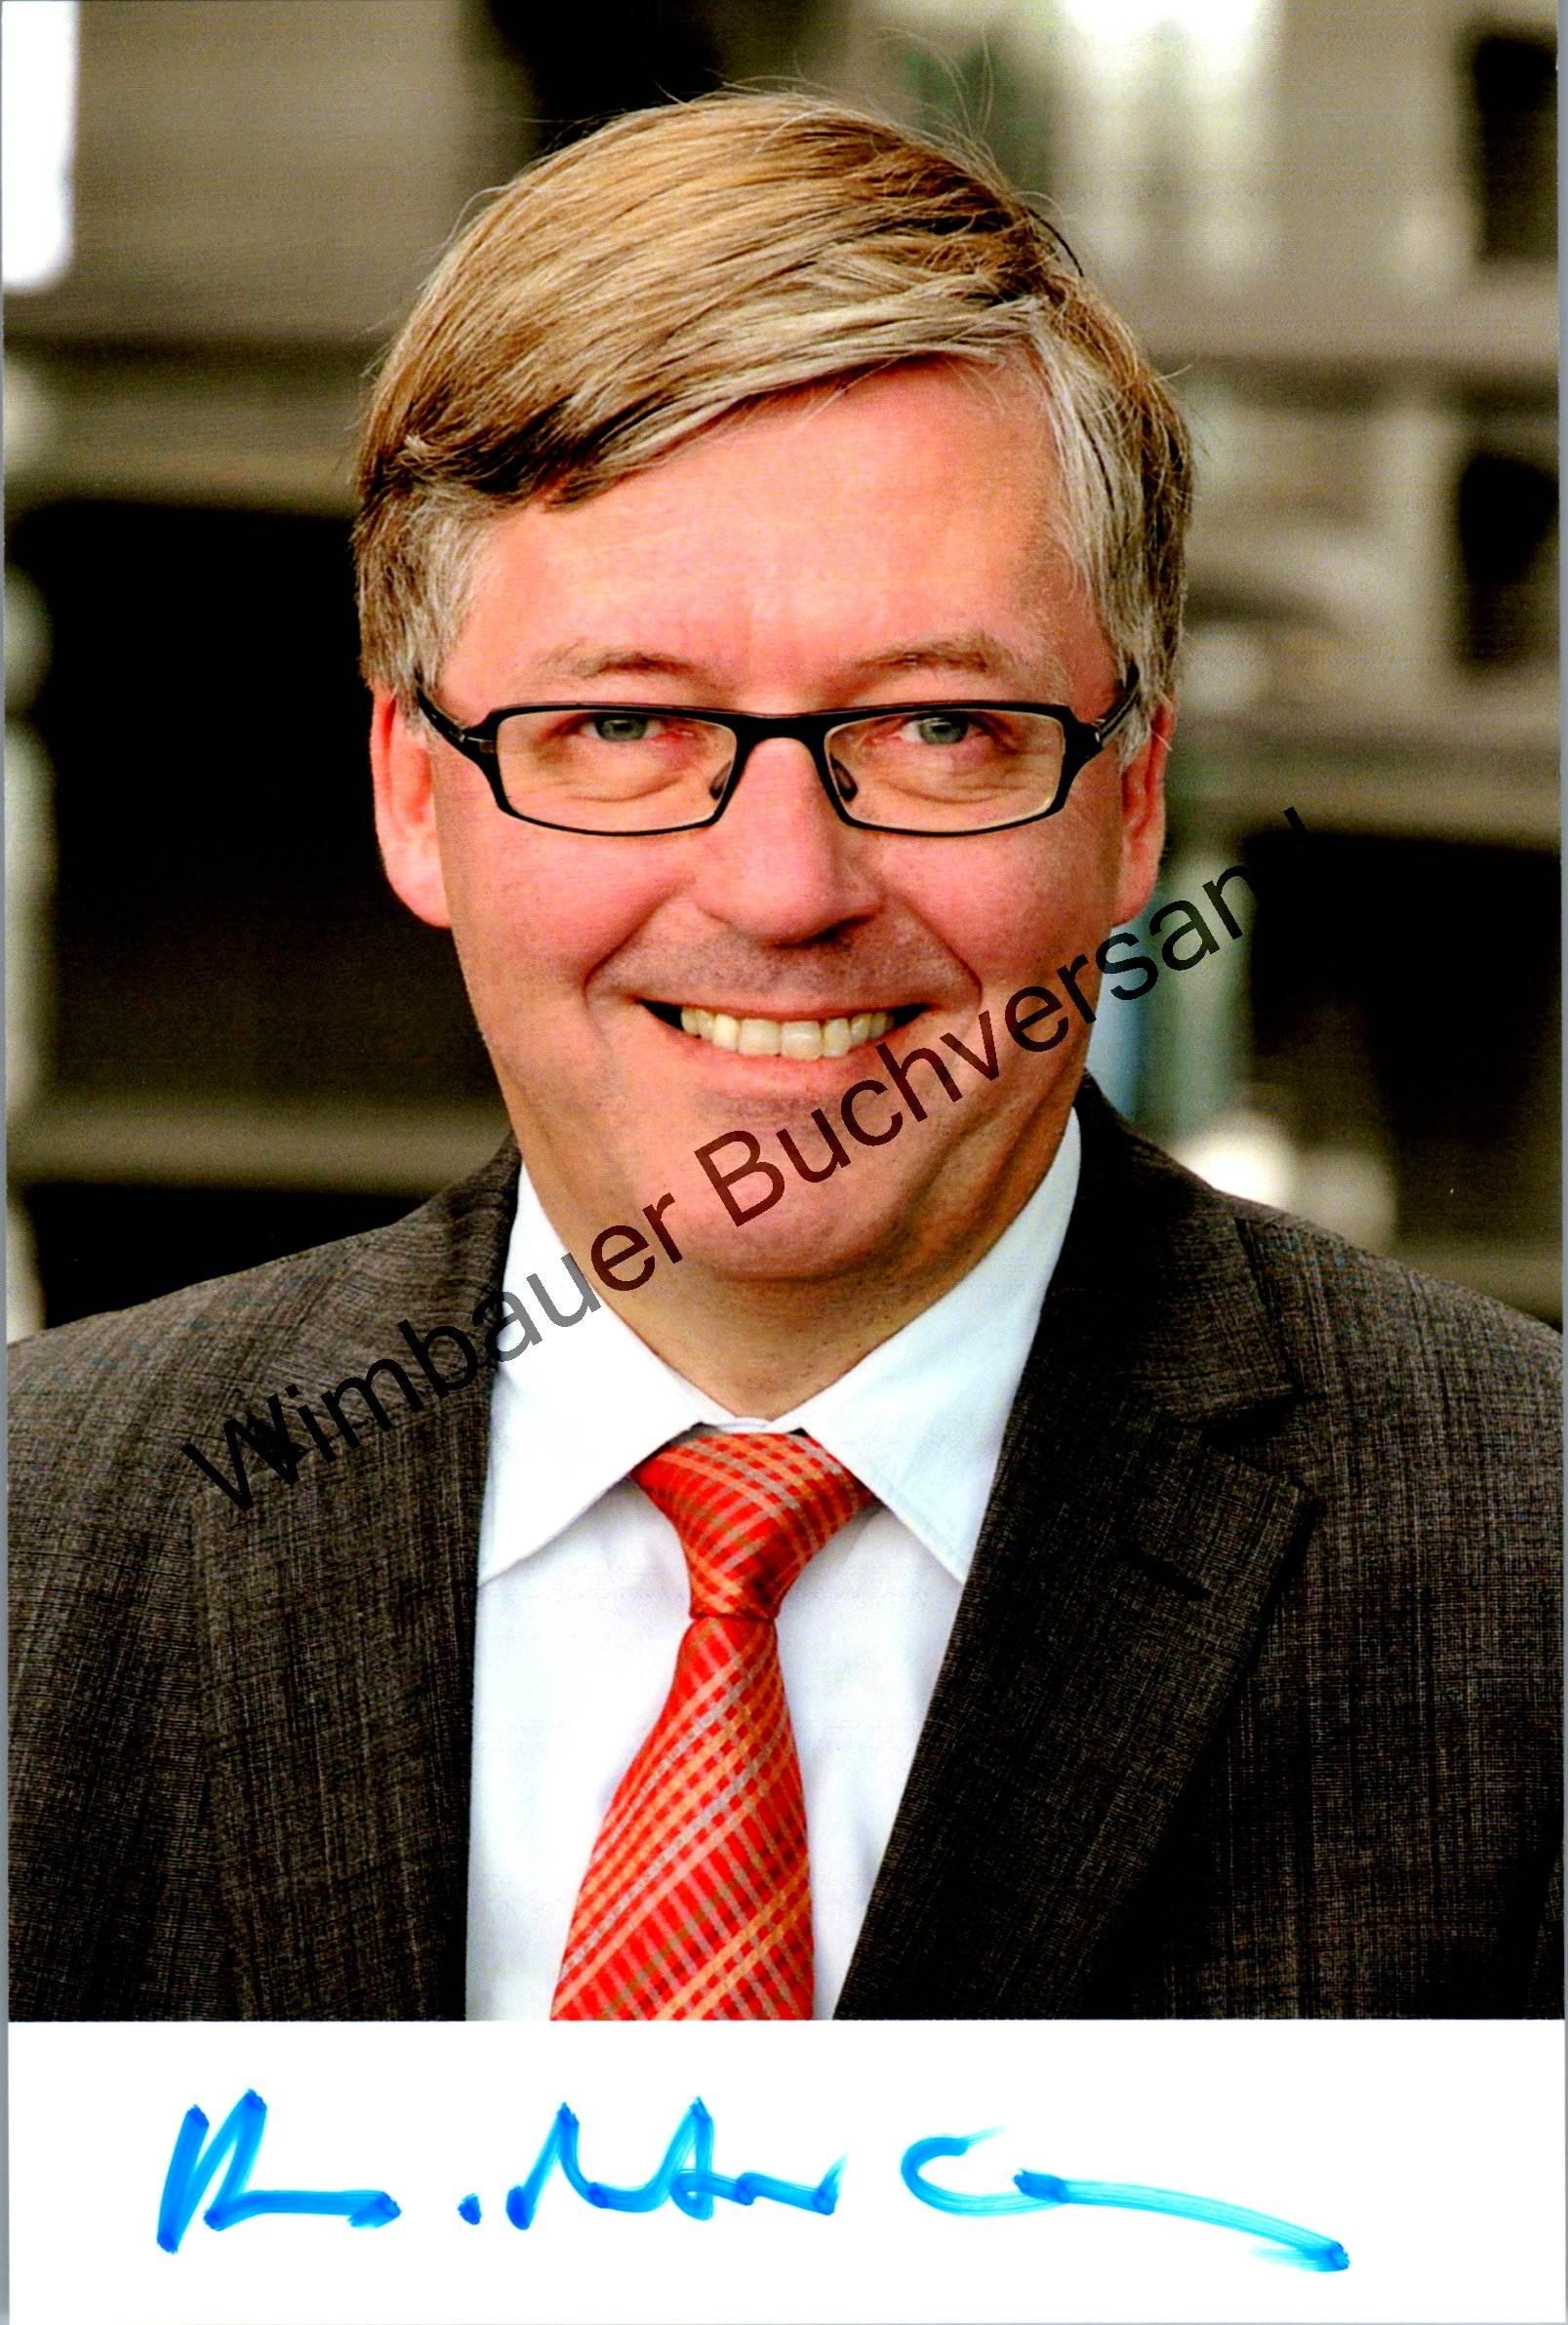 Original Autogramm Hans-Peter Bartels MdB SPD Wehrbeauftrager /// Autogramm Autograph signiert signed signee